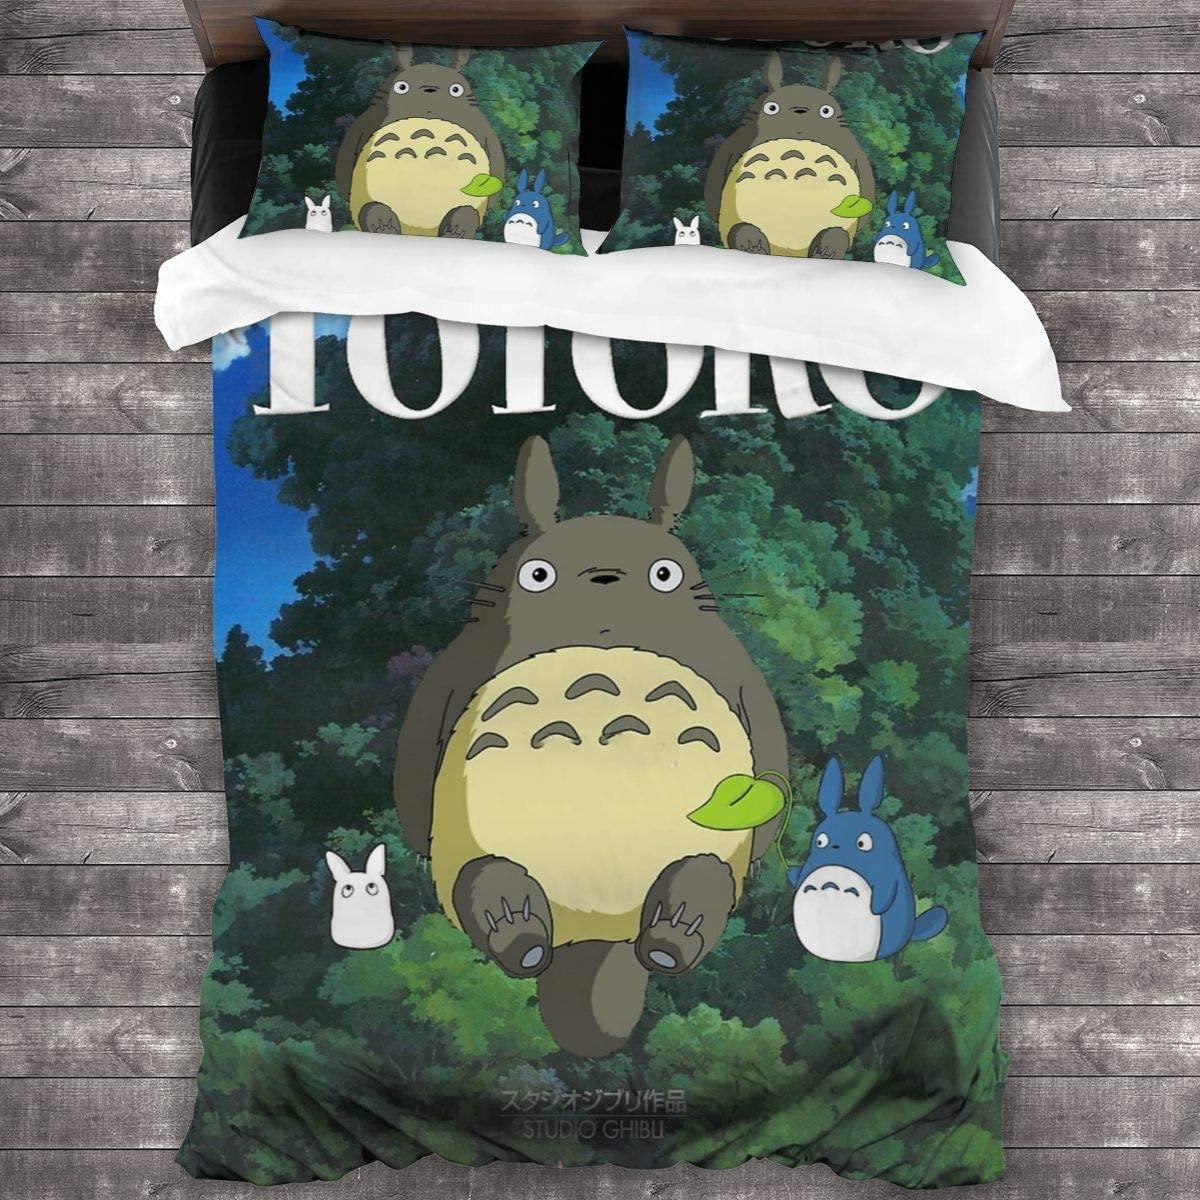 3 قطعة طباعة الفراش جارتي توتورو حاف مجموعة غطاء لينة (لا المعزي) ، طقم سرير (1 حاف الغطاء 2 وسادة شمس)